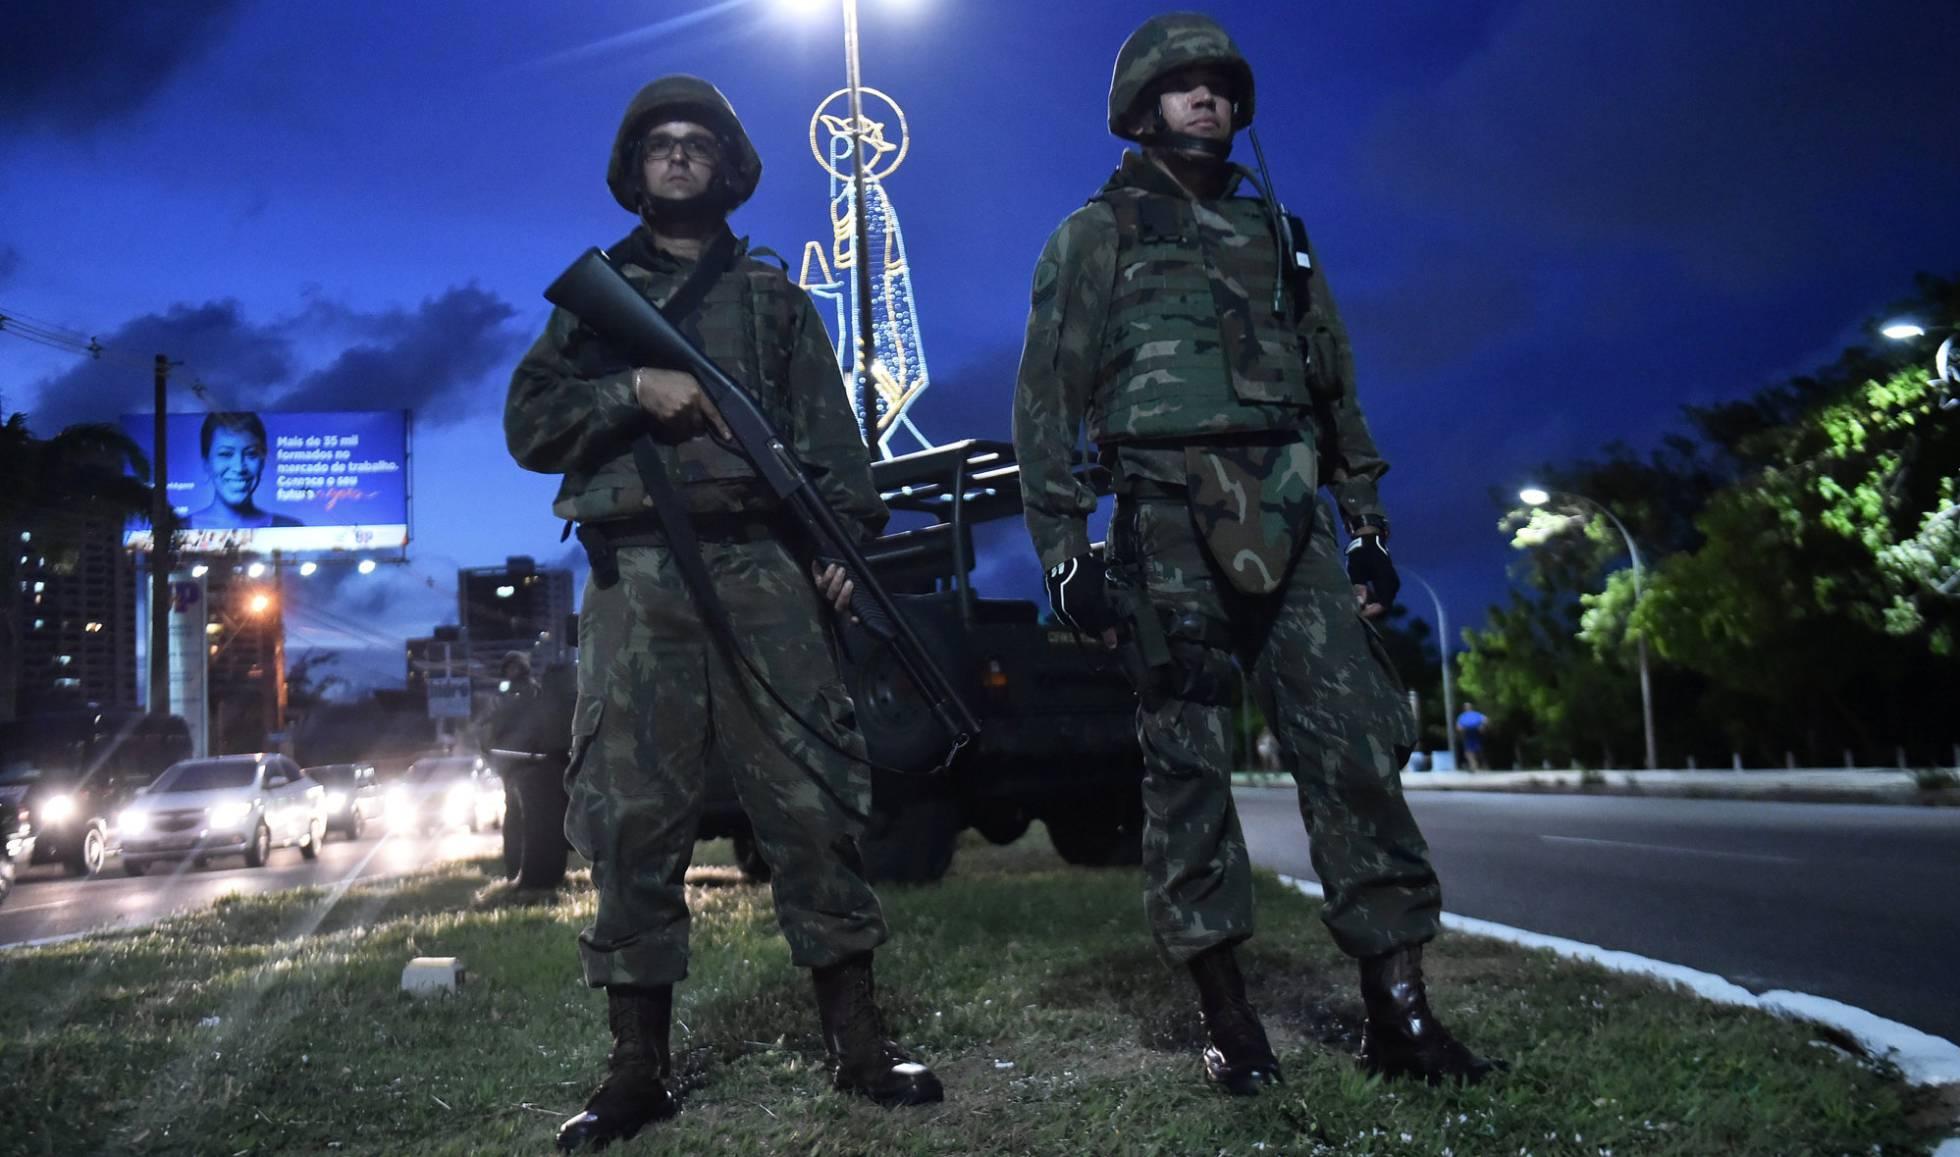 1484952504_160977_1484952708_noticia_normal_recorte1-1 Força Nacional chega a Natal em dia de trégua na penitenciária de Alcaçuz